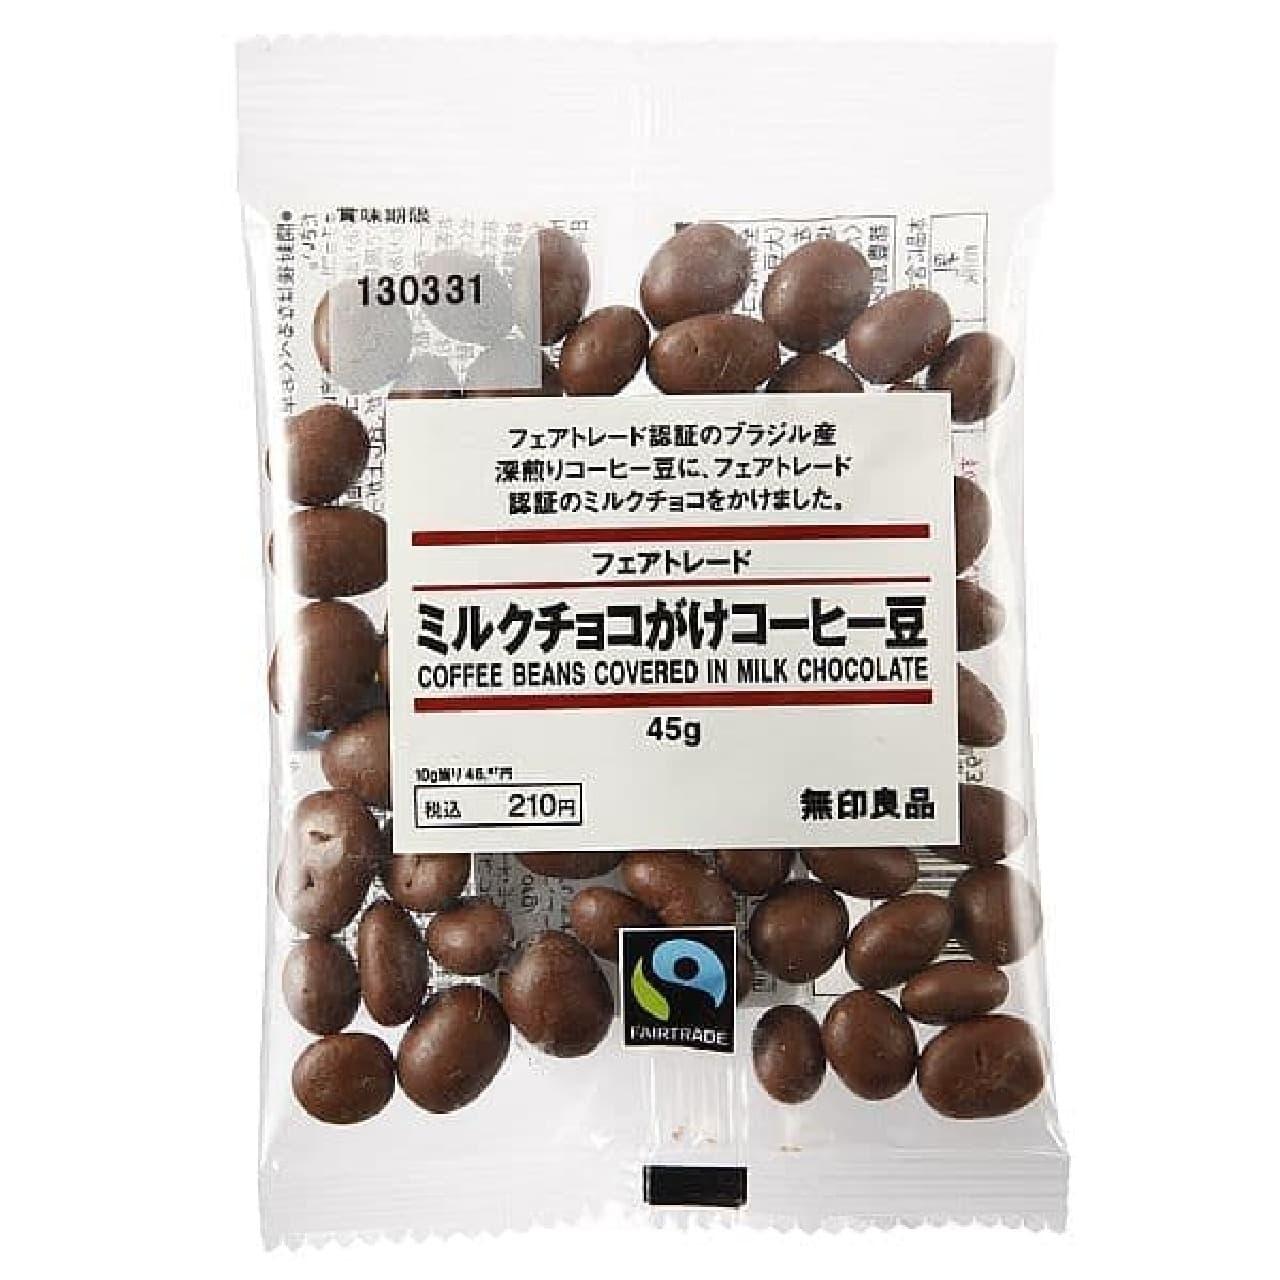 「フェアトレード ミルクチョコがけコーヒー豆」